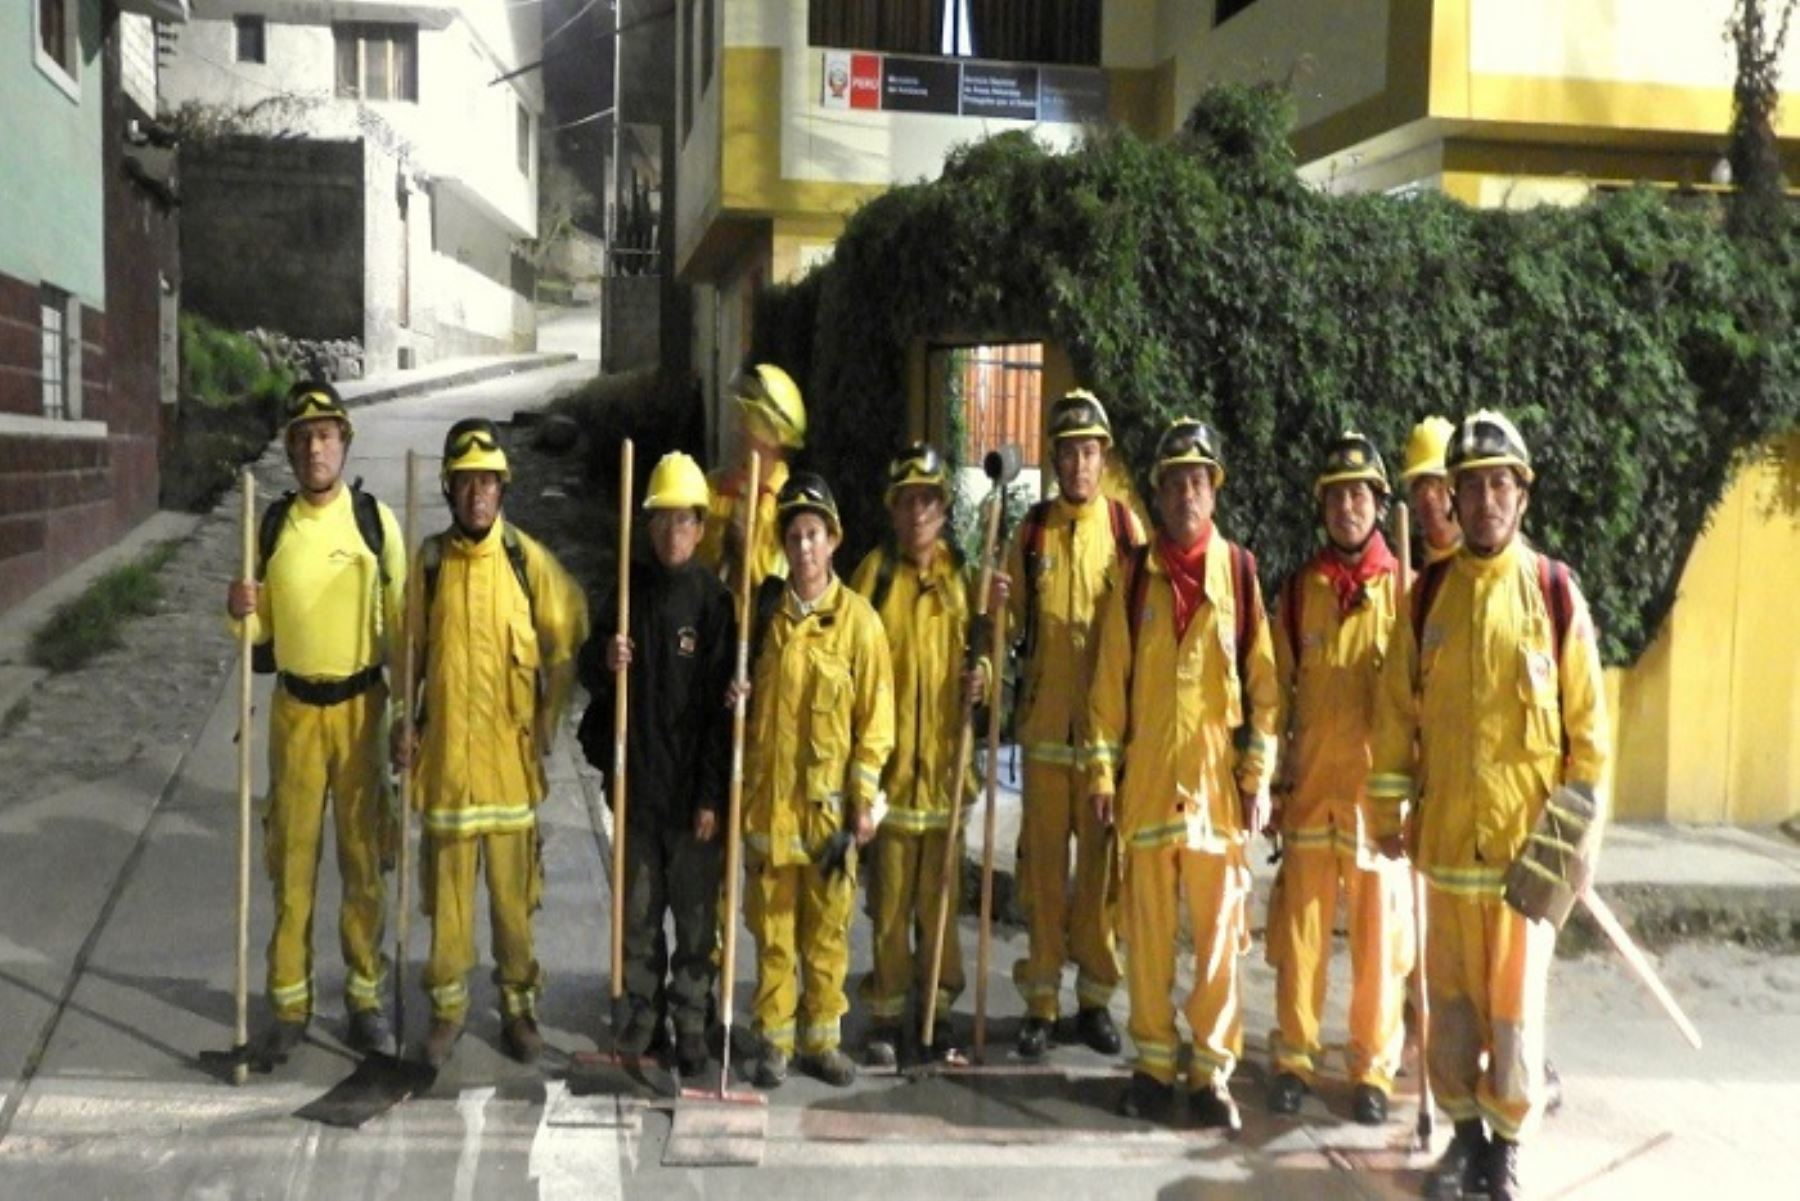 El Servicio Nacional de Áreas Naturales Protegidas por el Estado (Sernanp) movilizó a guardaparques bomberos forestales del Cusco para controlar y liquidar el incendio que persiste en el Santuario Nacional de Ampay, distrito de Tamburco, provincia de Abancay, región Apurímac.